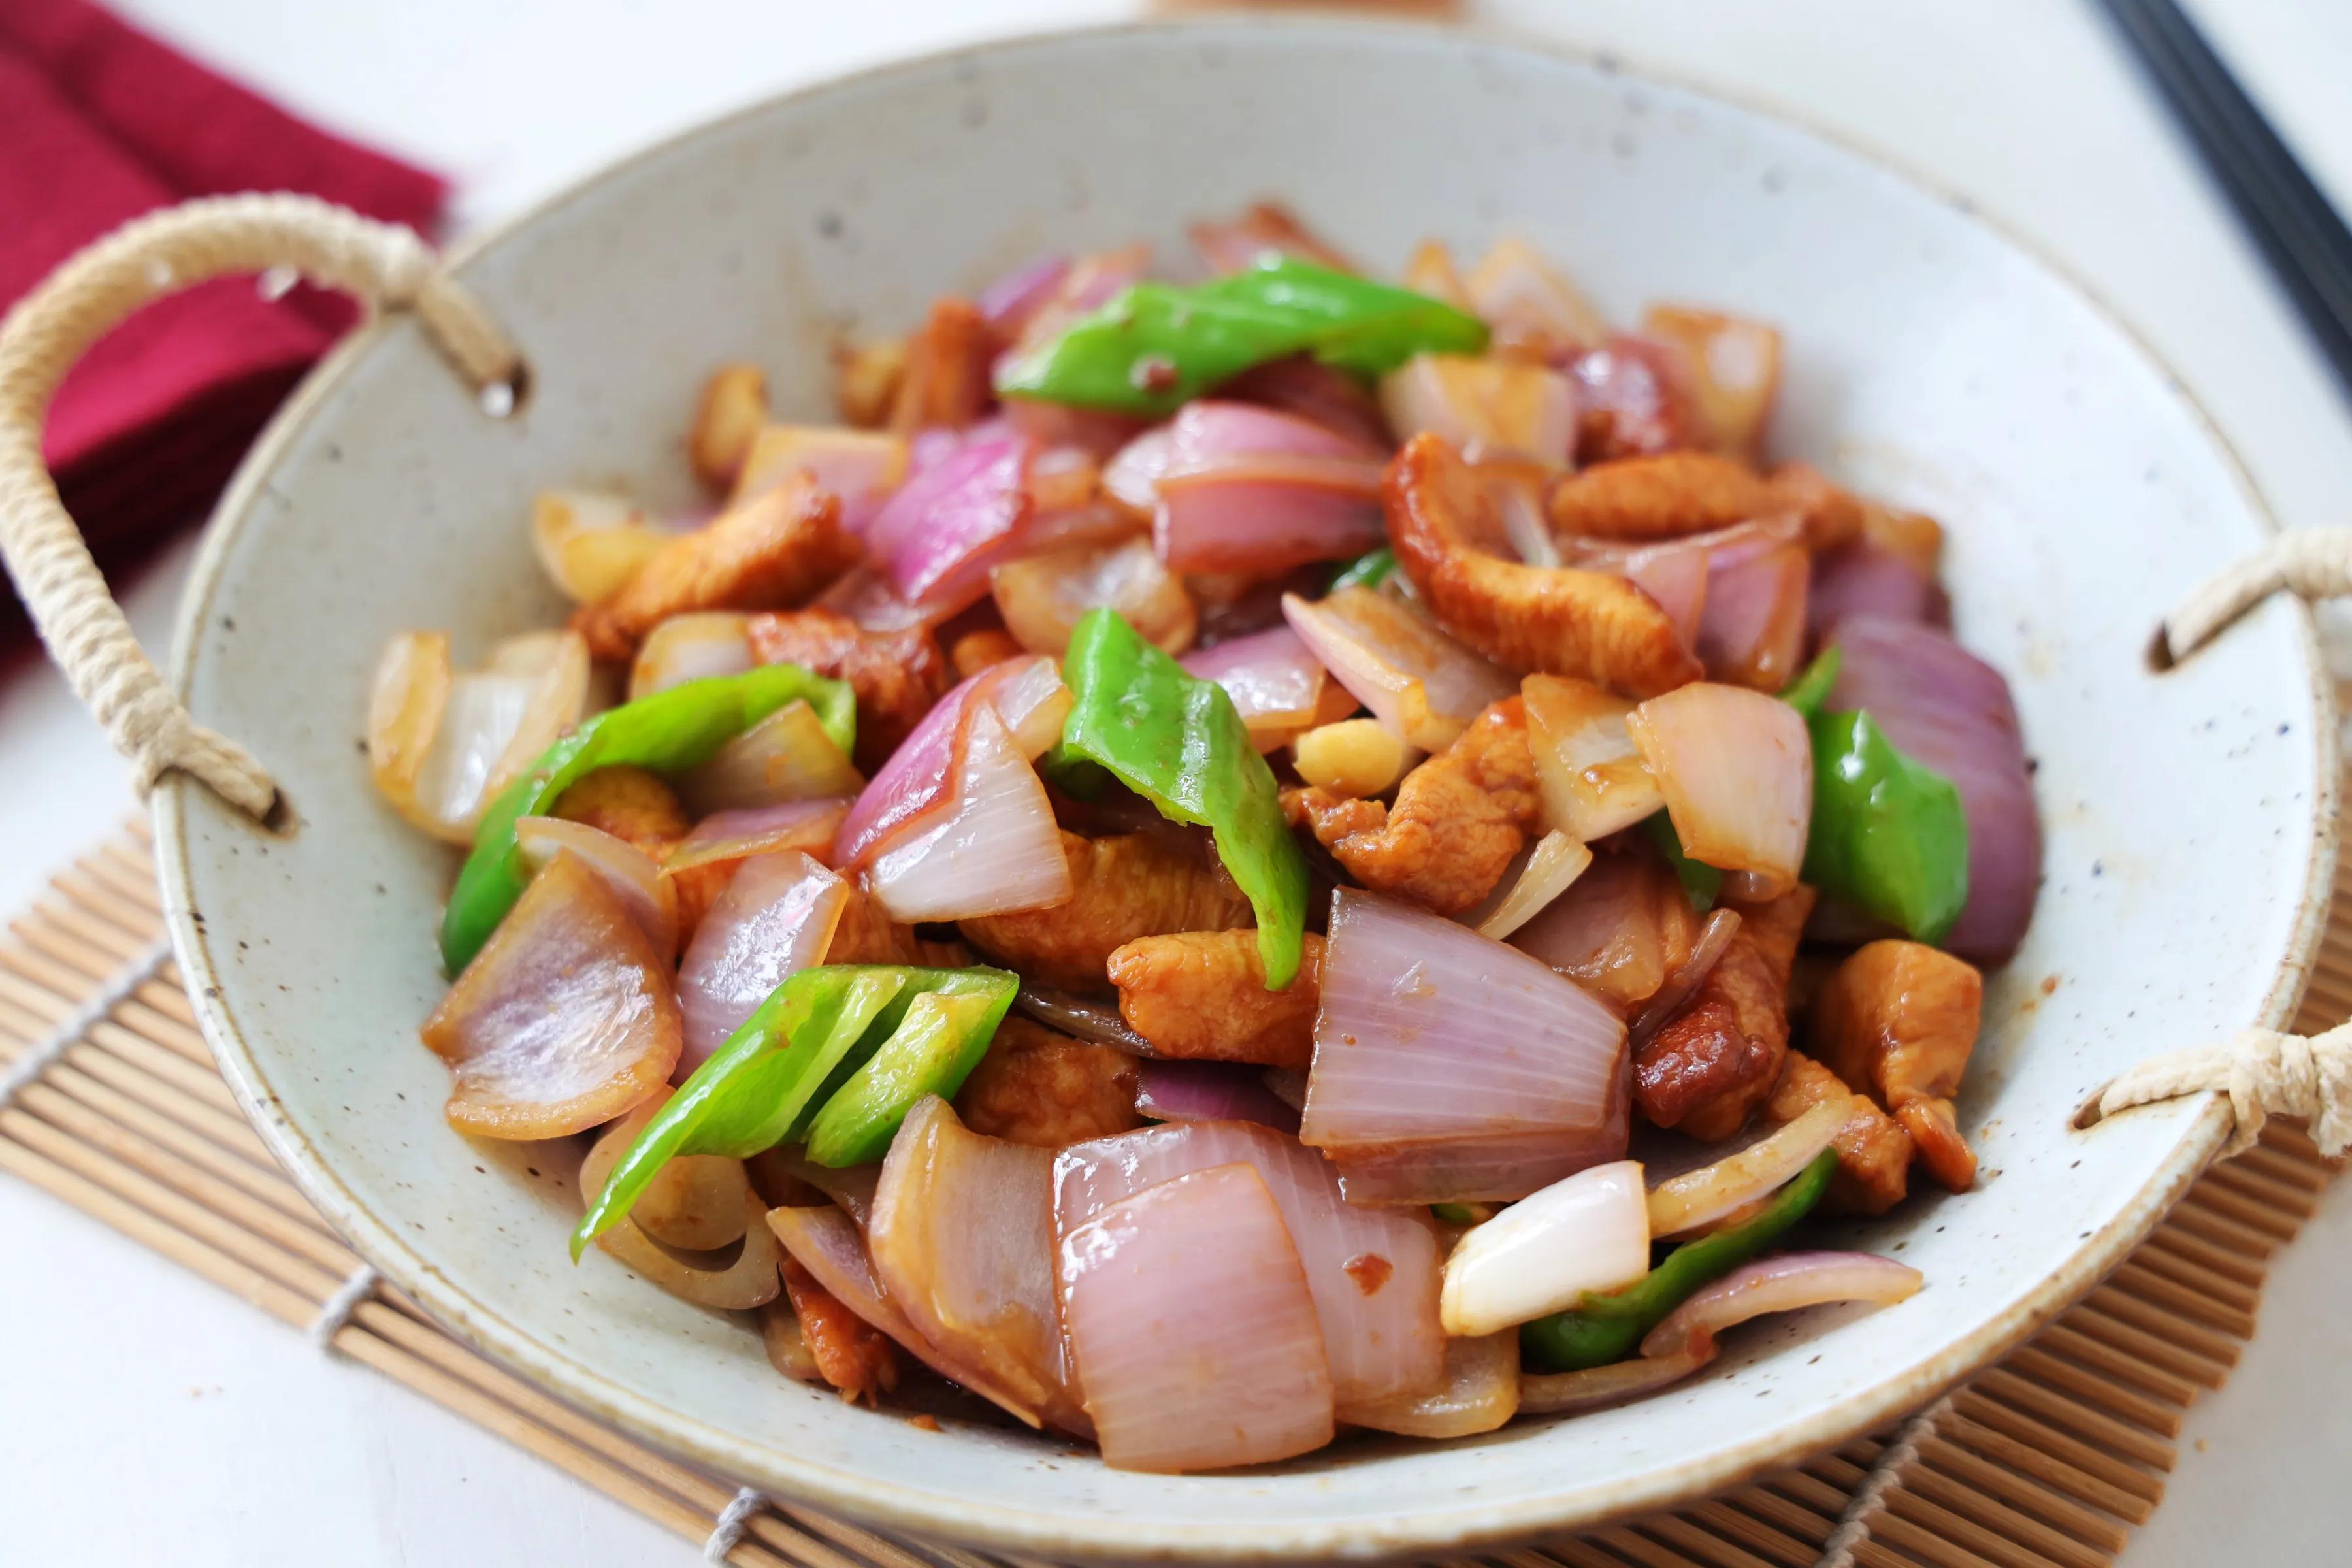 晚餐多吃这道菜,鲜香味美又营养,而且低脂吃不胖,特别下饭! 美食做法 第13张